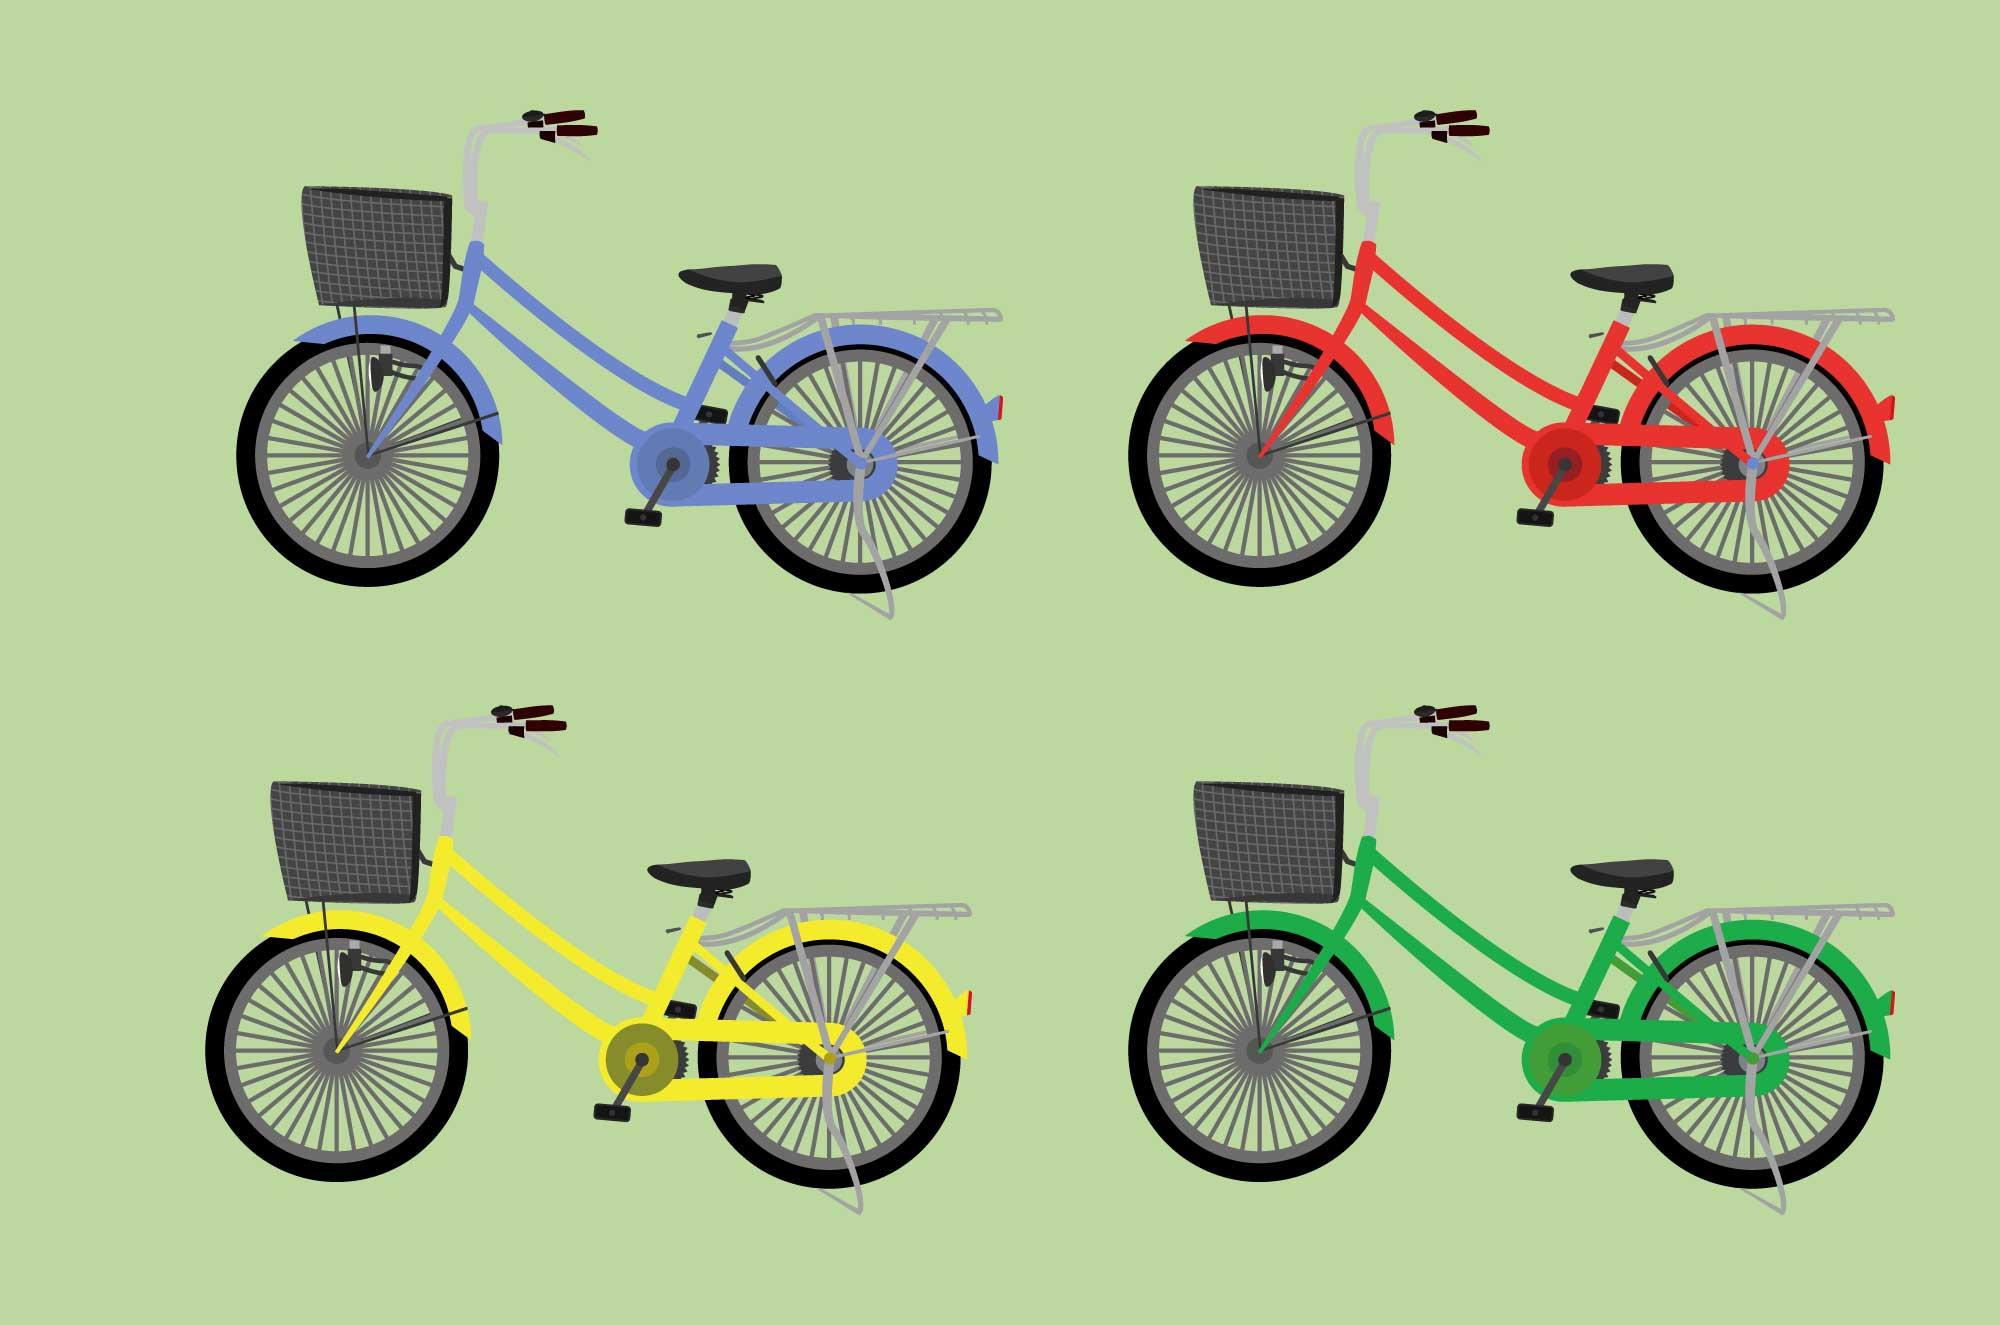 可愛い自転車の無料イラスト - 身近な乗り物素材